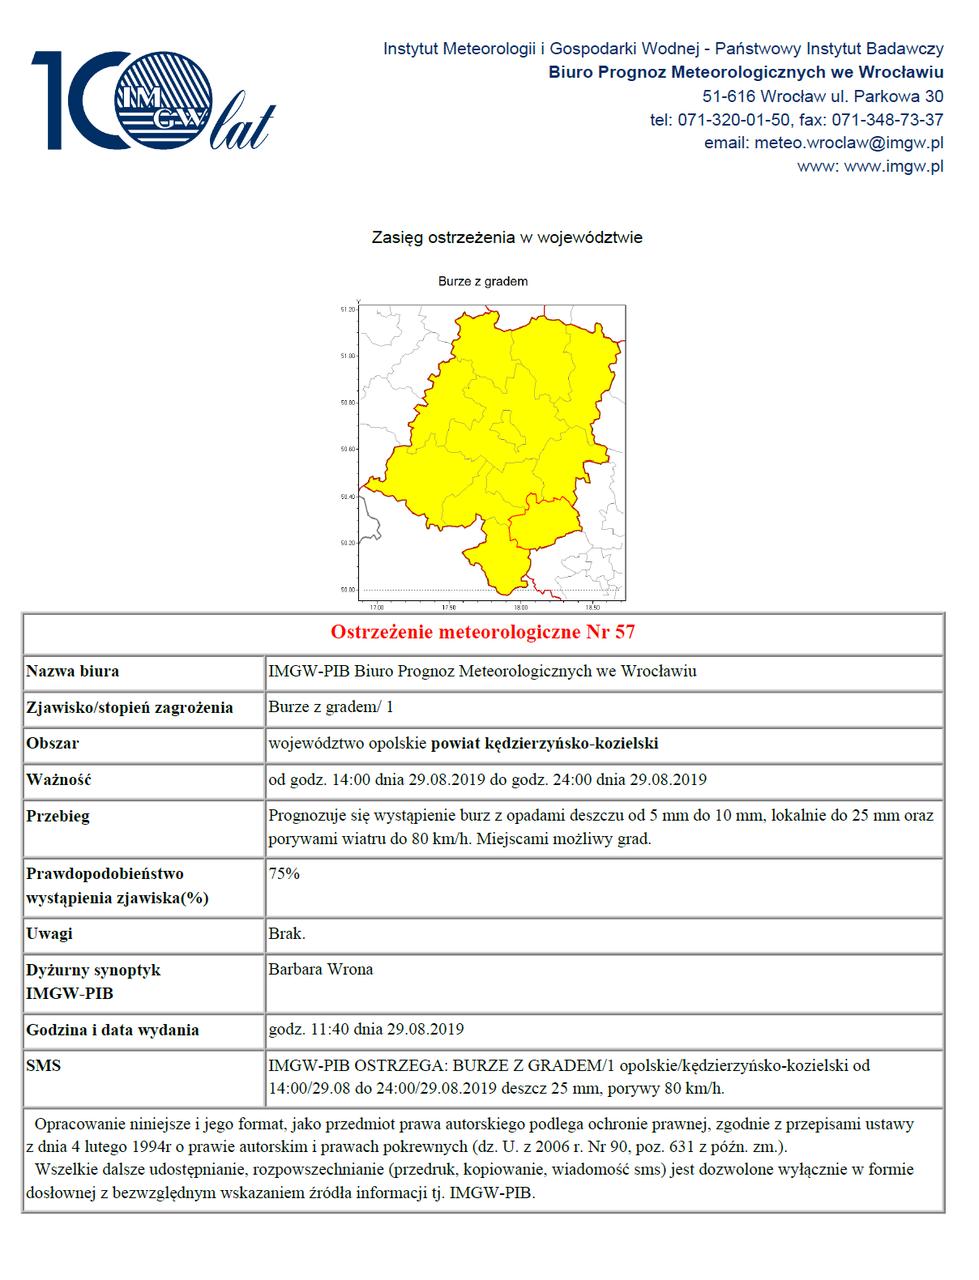 Ostrzeżenie meteorologiczne nr 57 z 29.08.2019.png